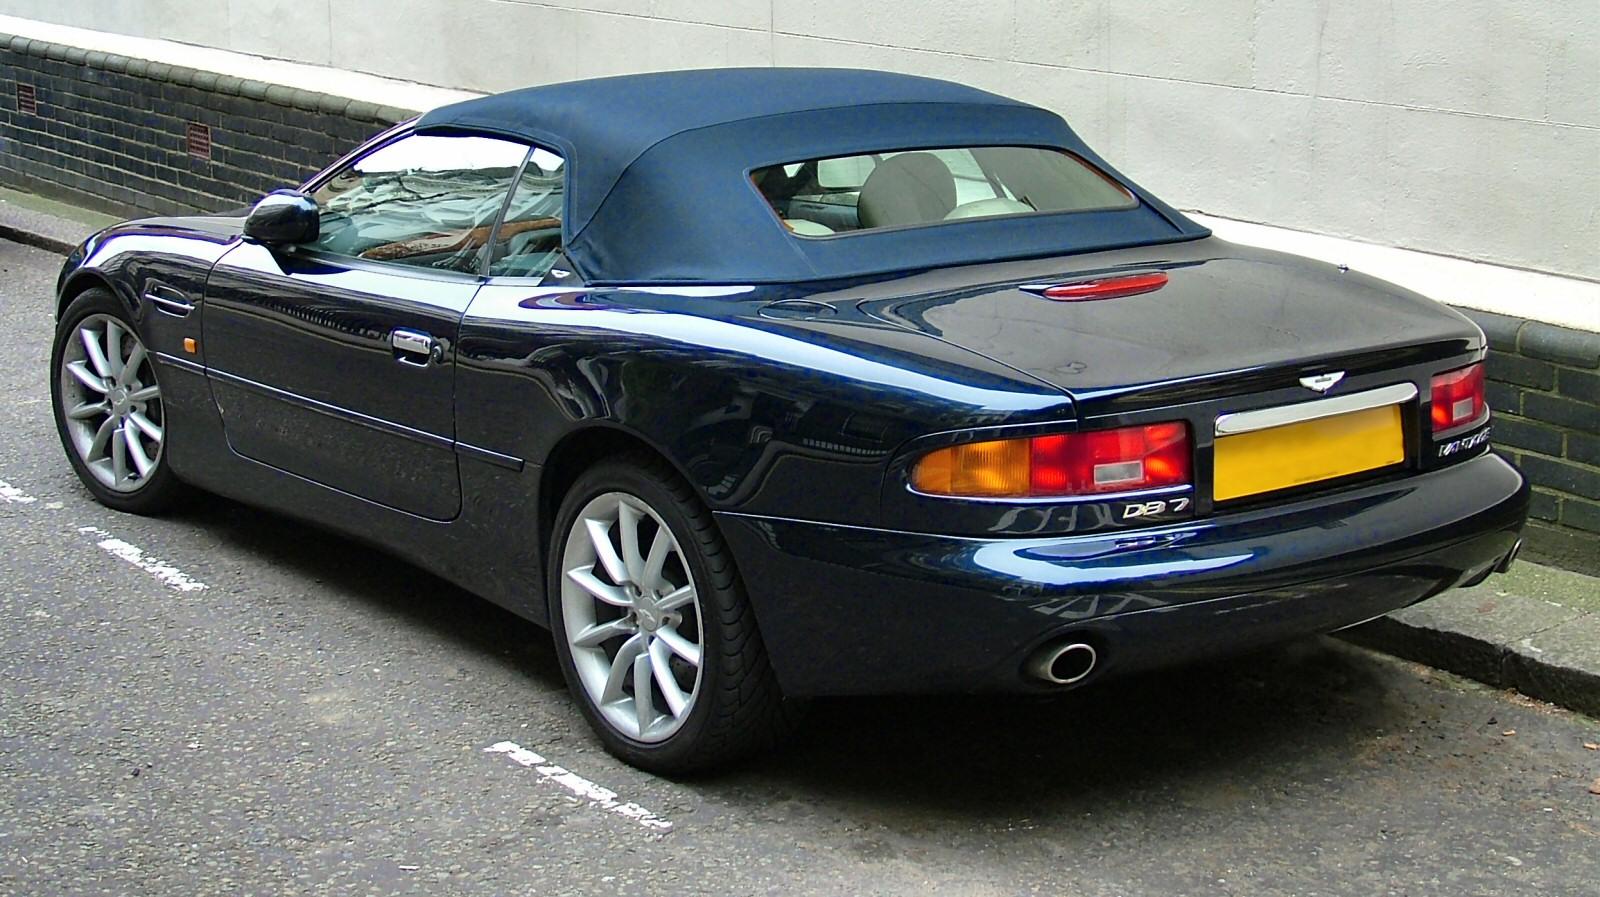 Aston Martin DB7 Vanquish